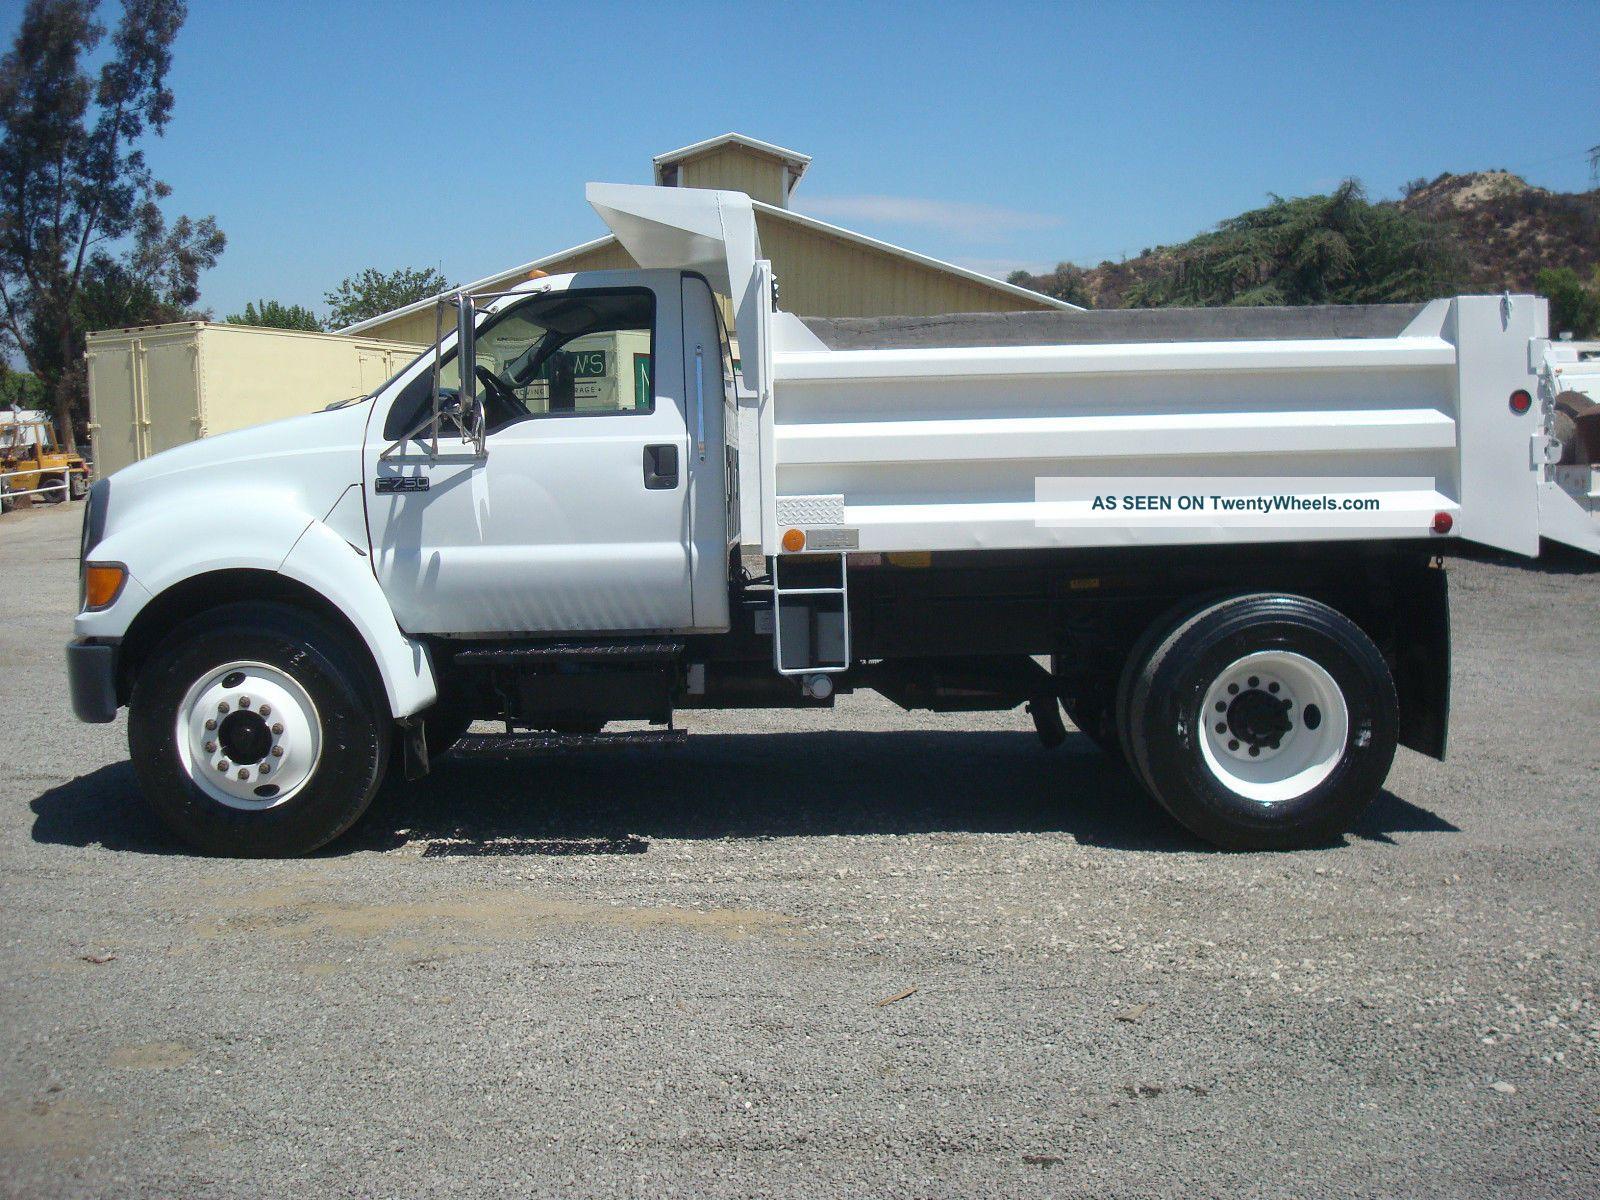 2000 ford f750 dump truck